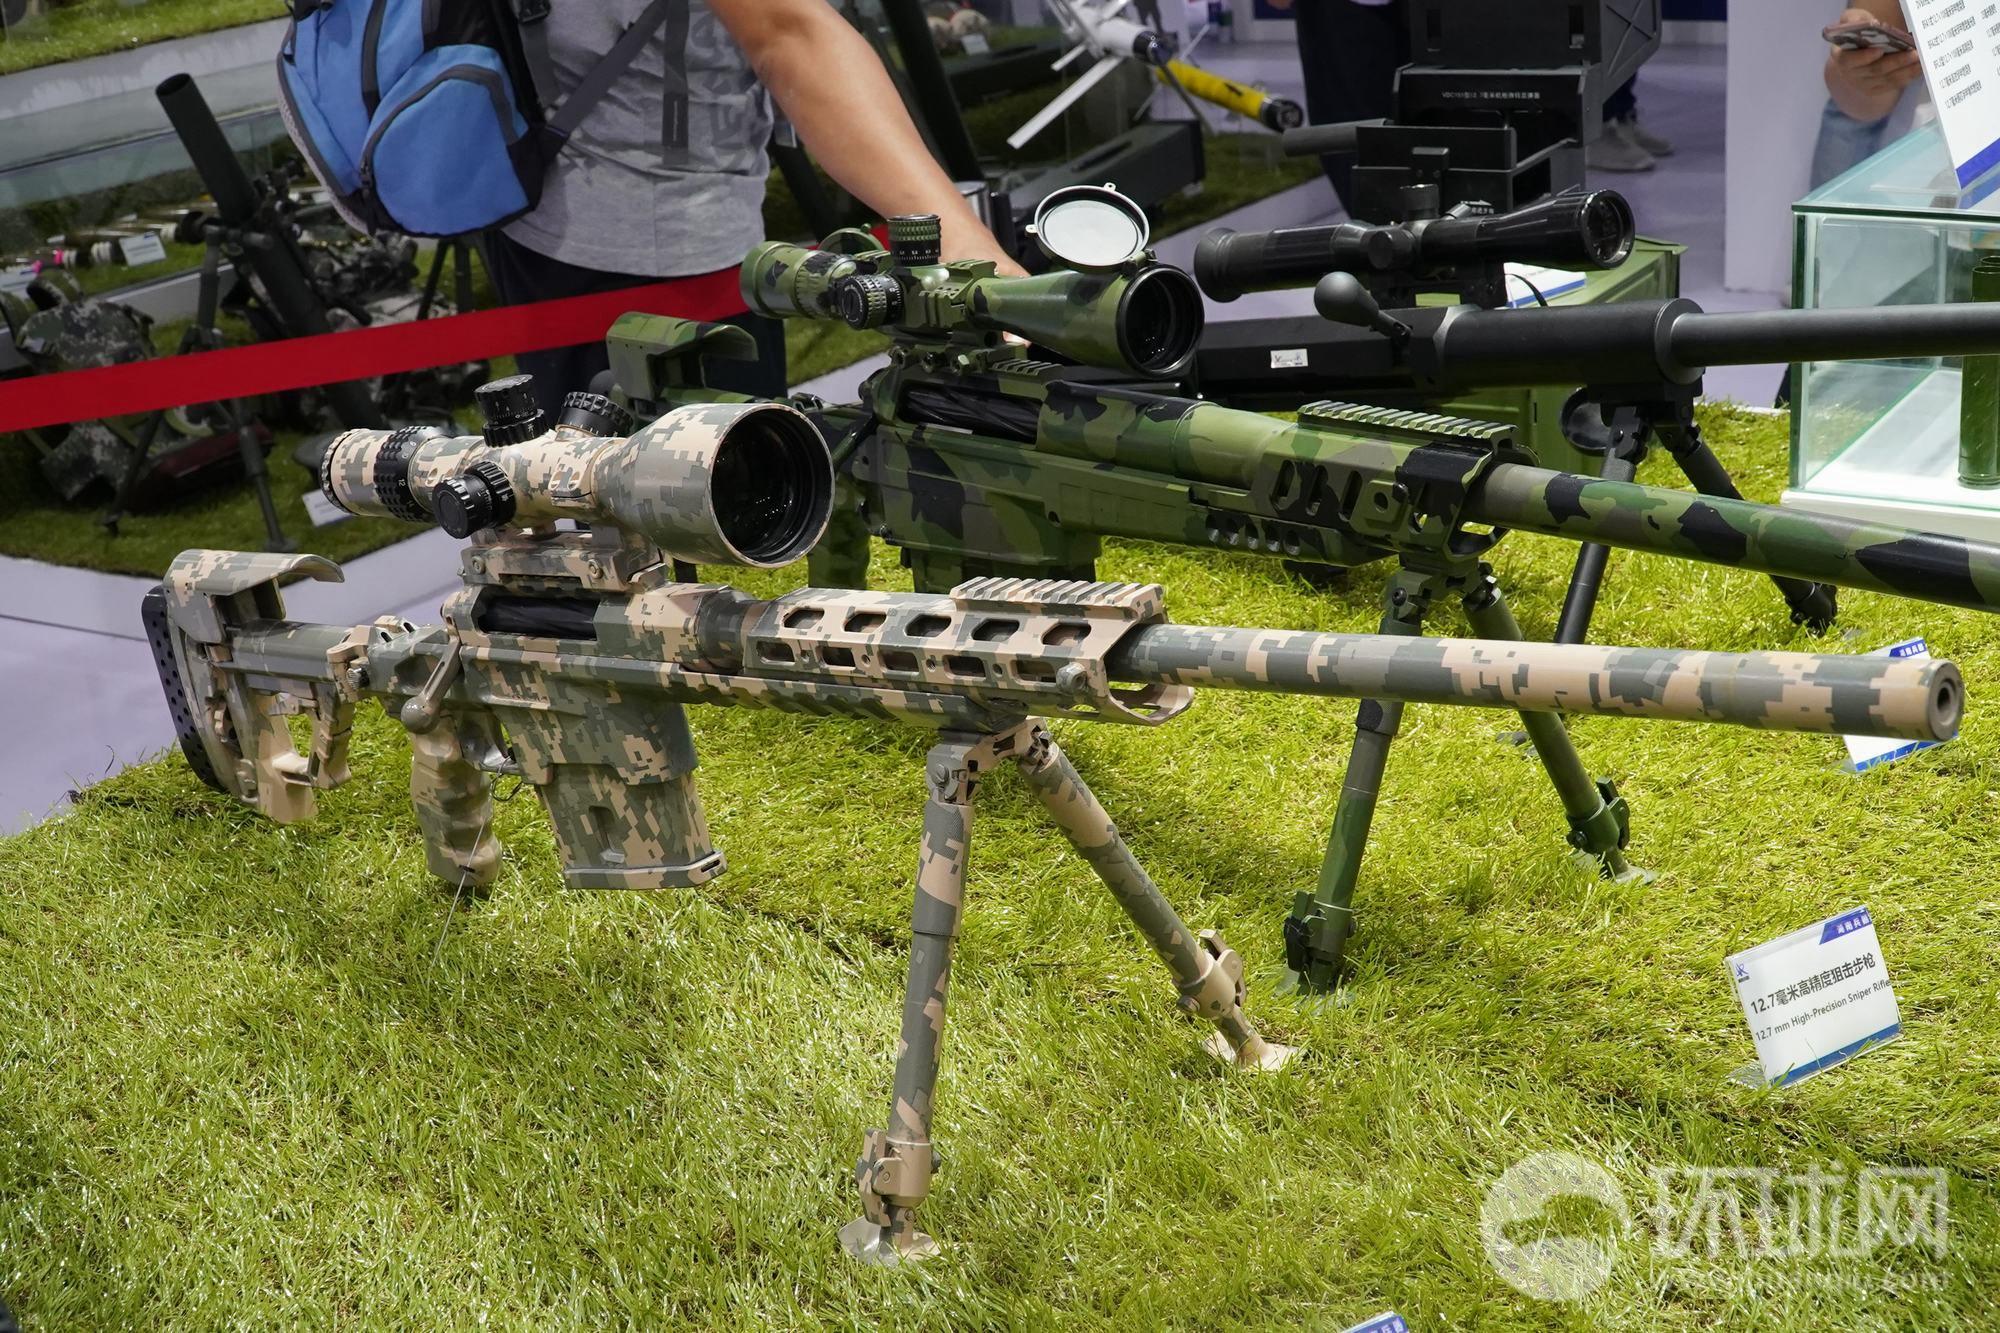 国产8.6毫米口径高精大狙亮相 造型相当时髦